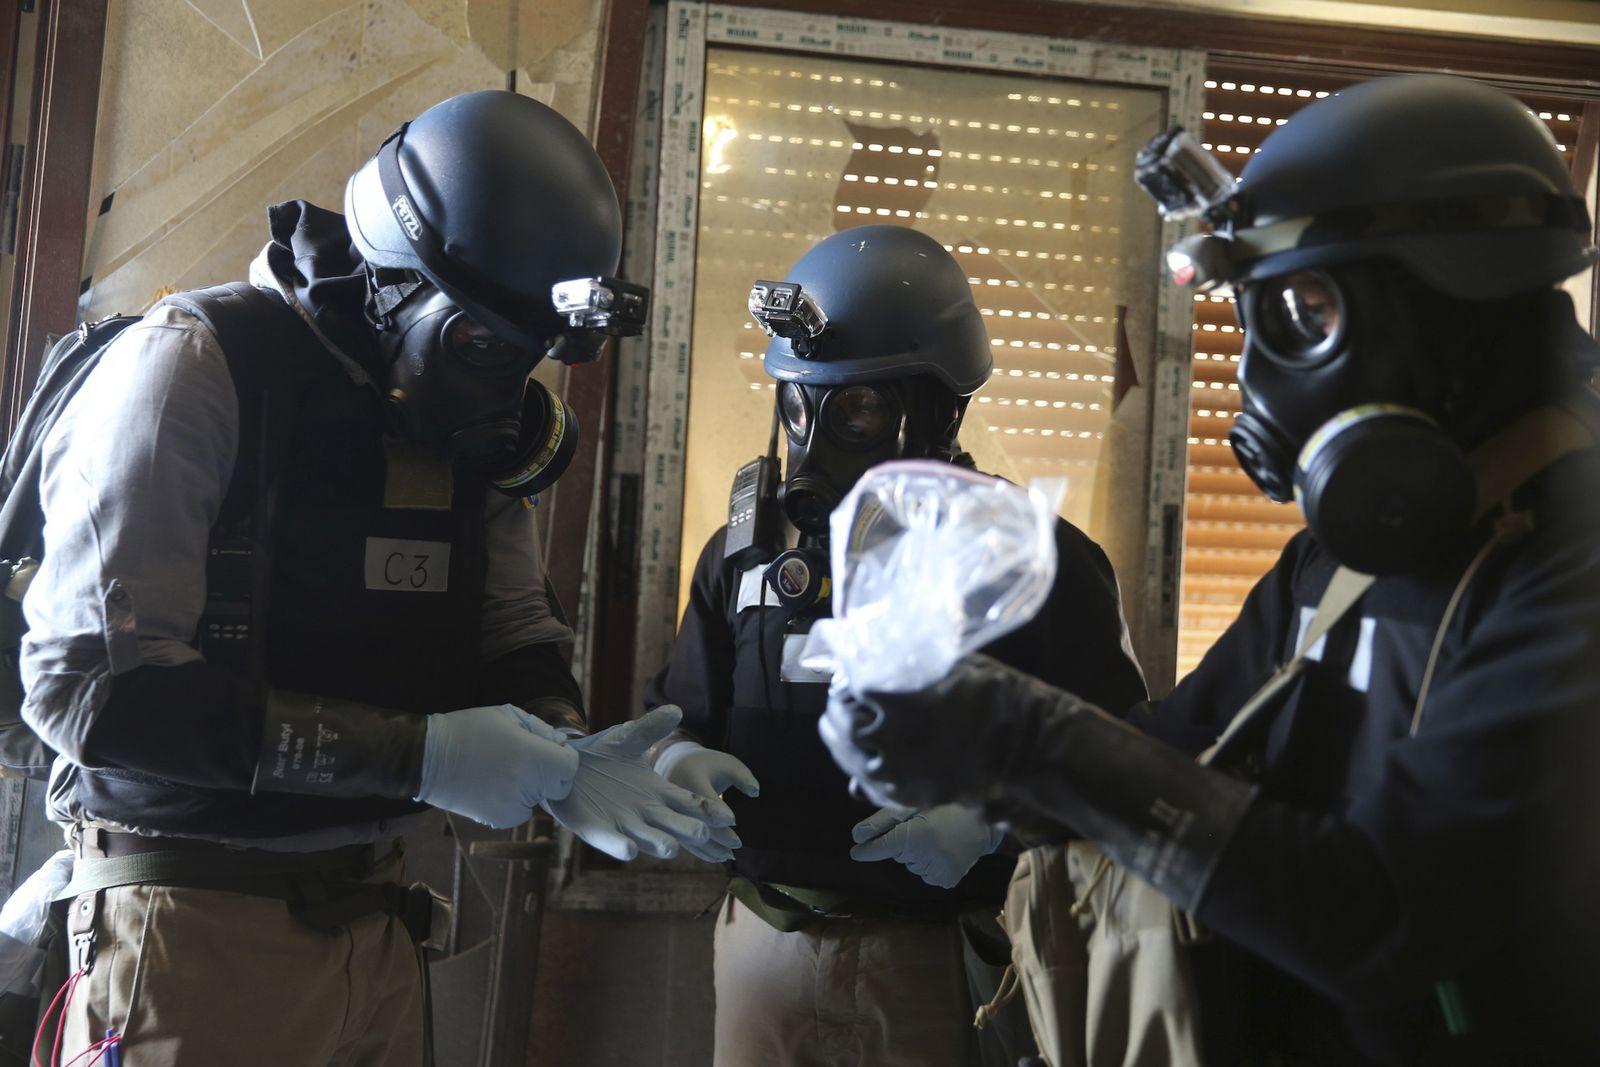 Syrien / Chemiewaffen / UN-Inspektoren